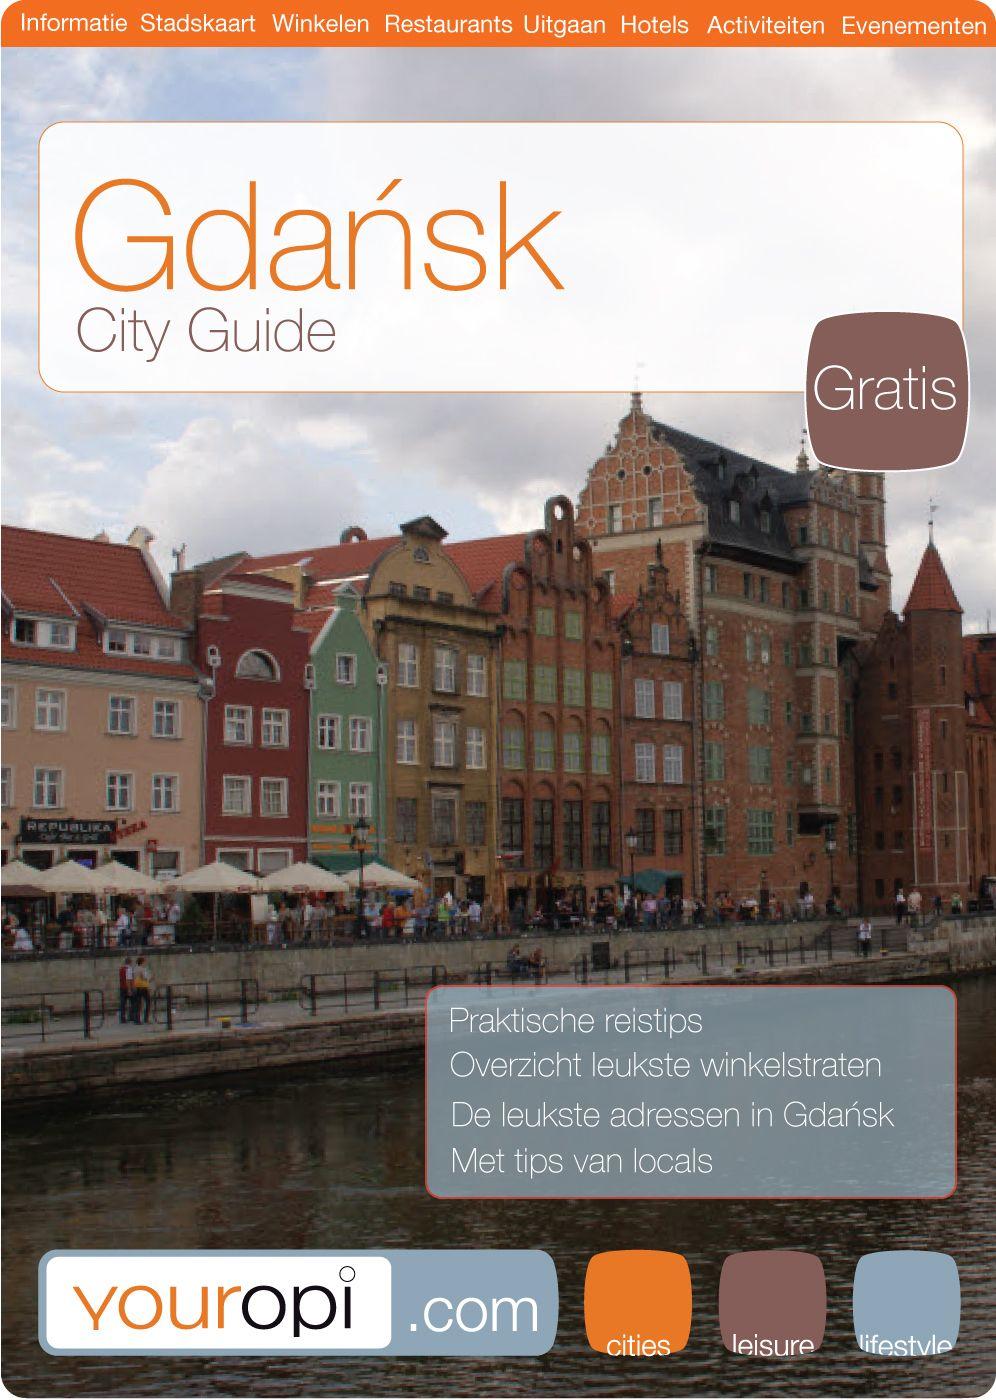 Gratis Ready to go City Guide Gdansk van Youropi.com. Ontdek de beste restaurants, leukste winkels, leuke activiteiten en evenementen met deze gratis stadsgids!